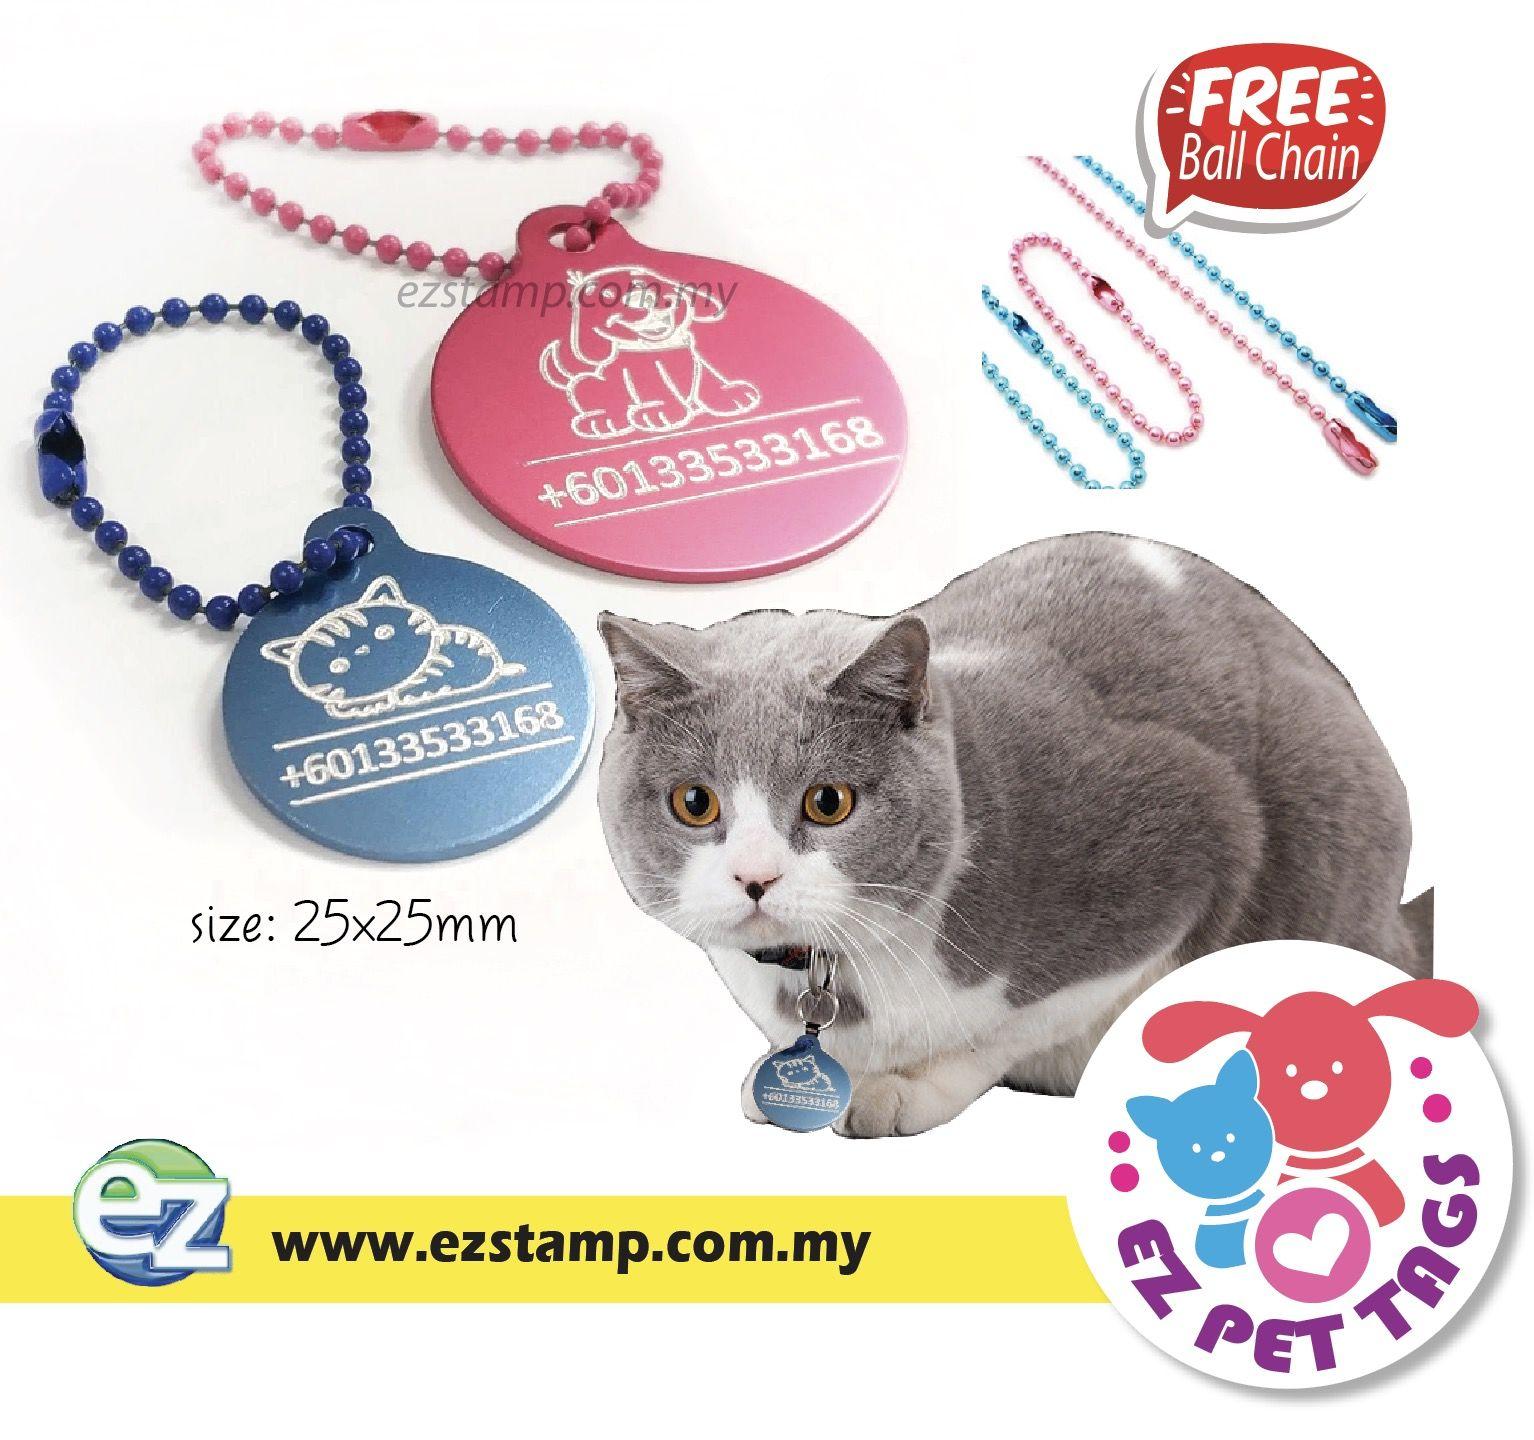 Tag Nama Kucing Peliharaan Produk Baru Kami Ez Pet Tags Untuk Kucing Kucing Kesayangan Anda Pet Id Tags Pet Id Pets